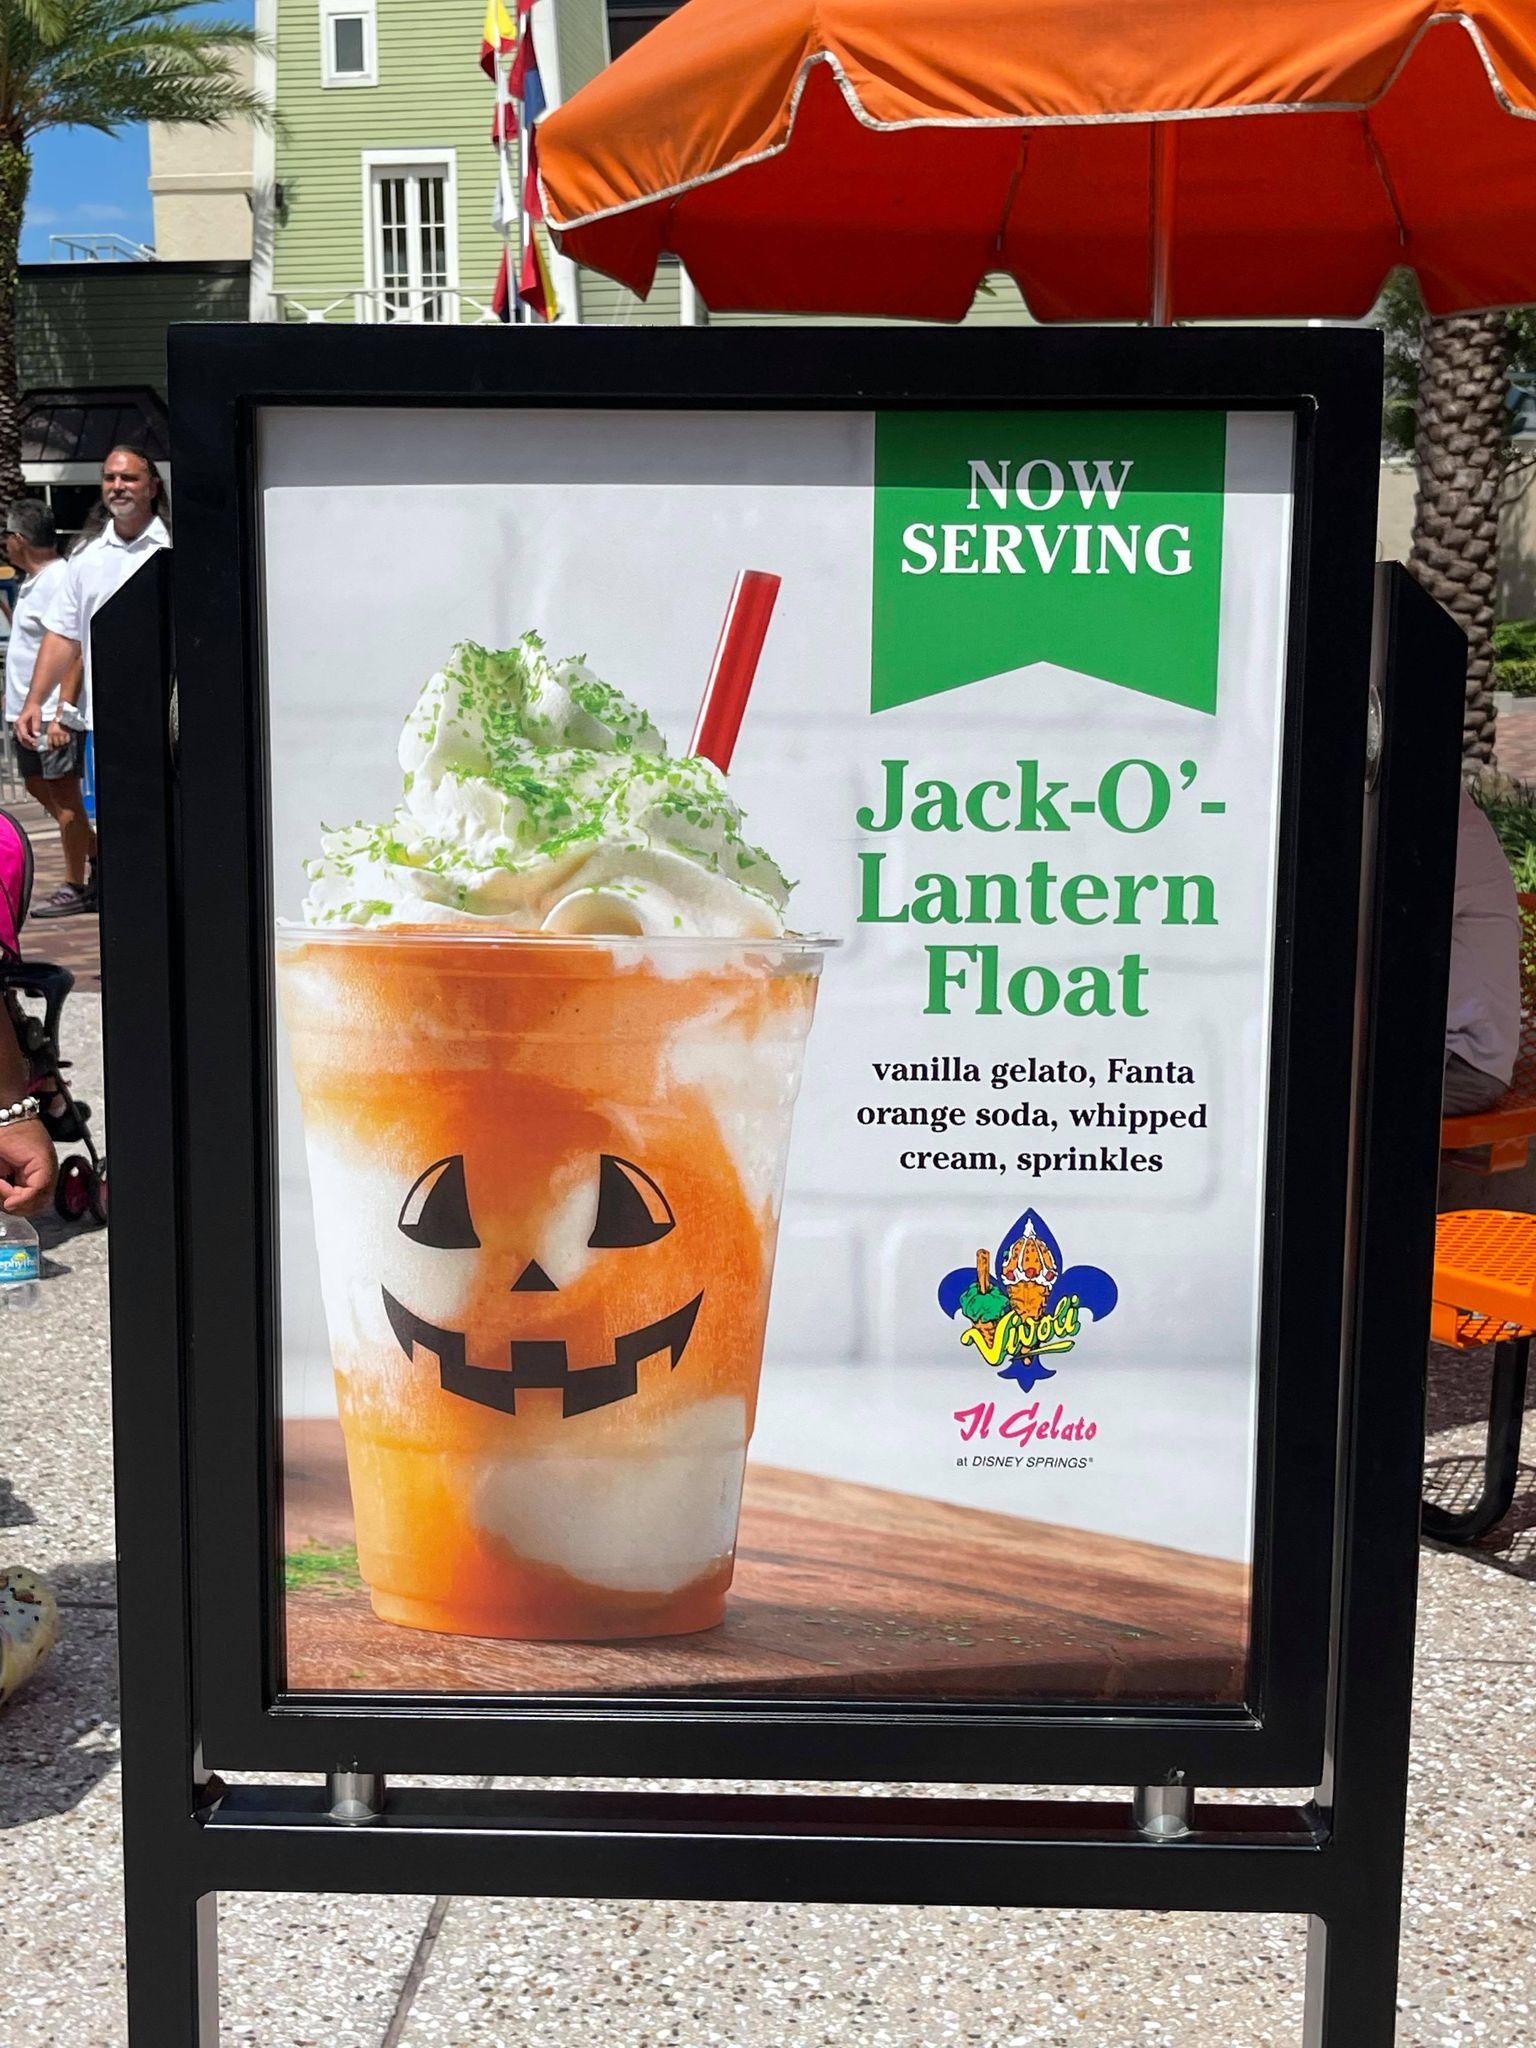 jack o lantern float vivoli il gelato